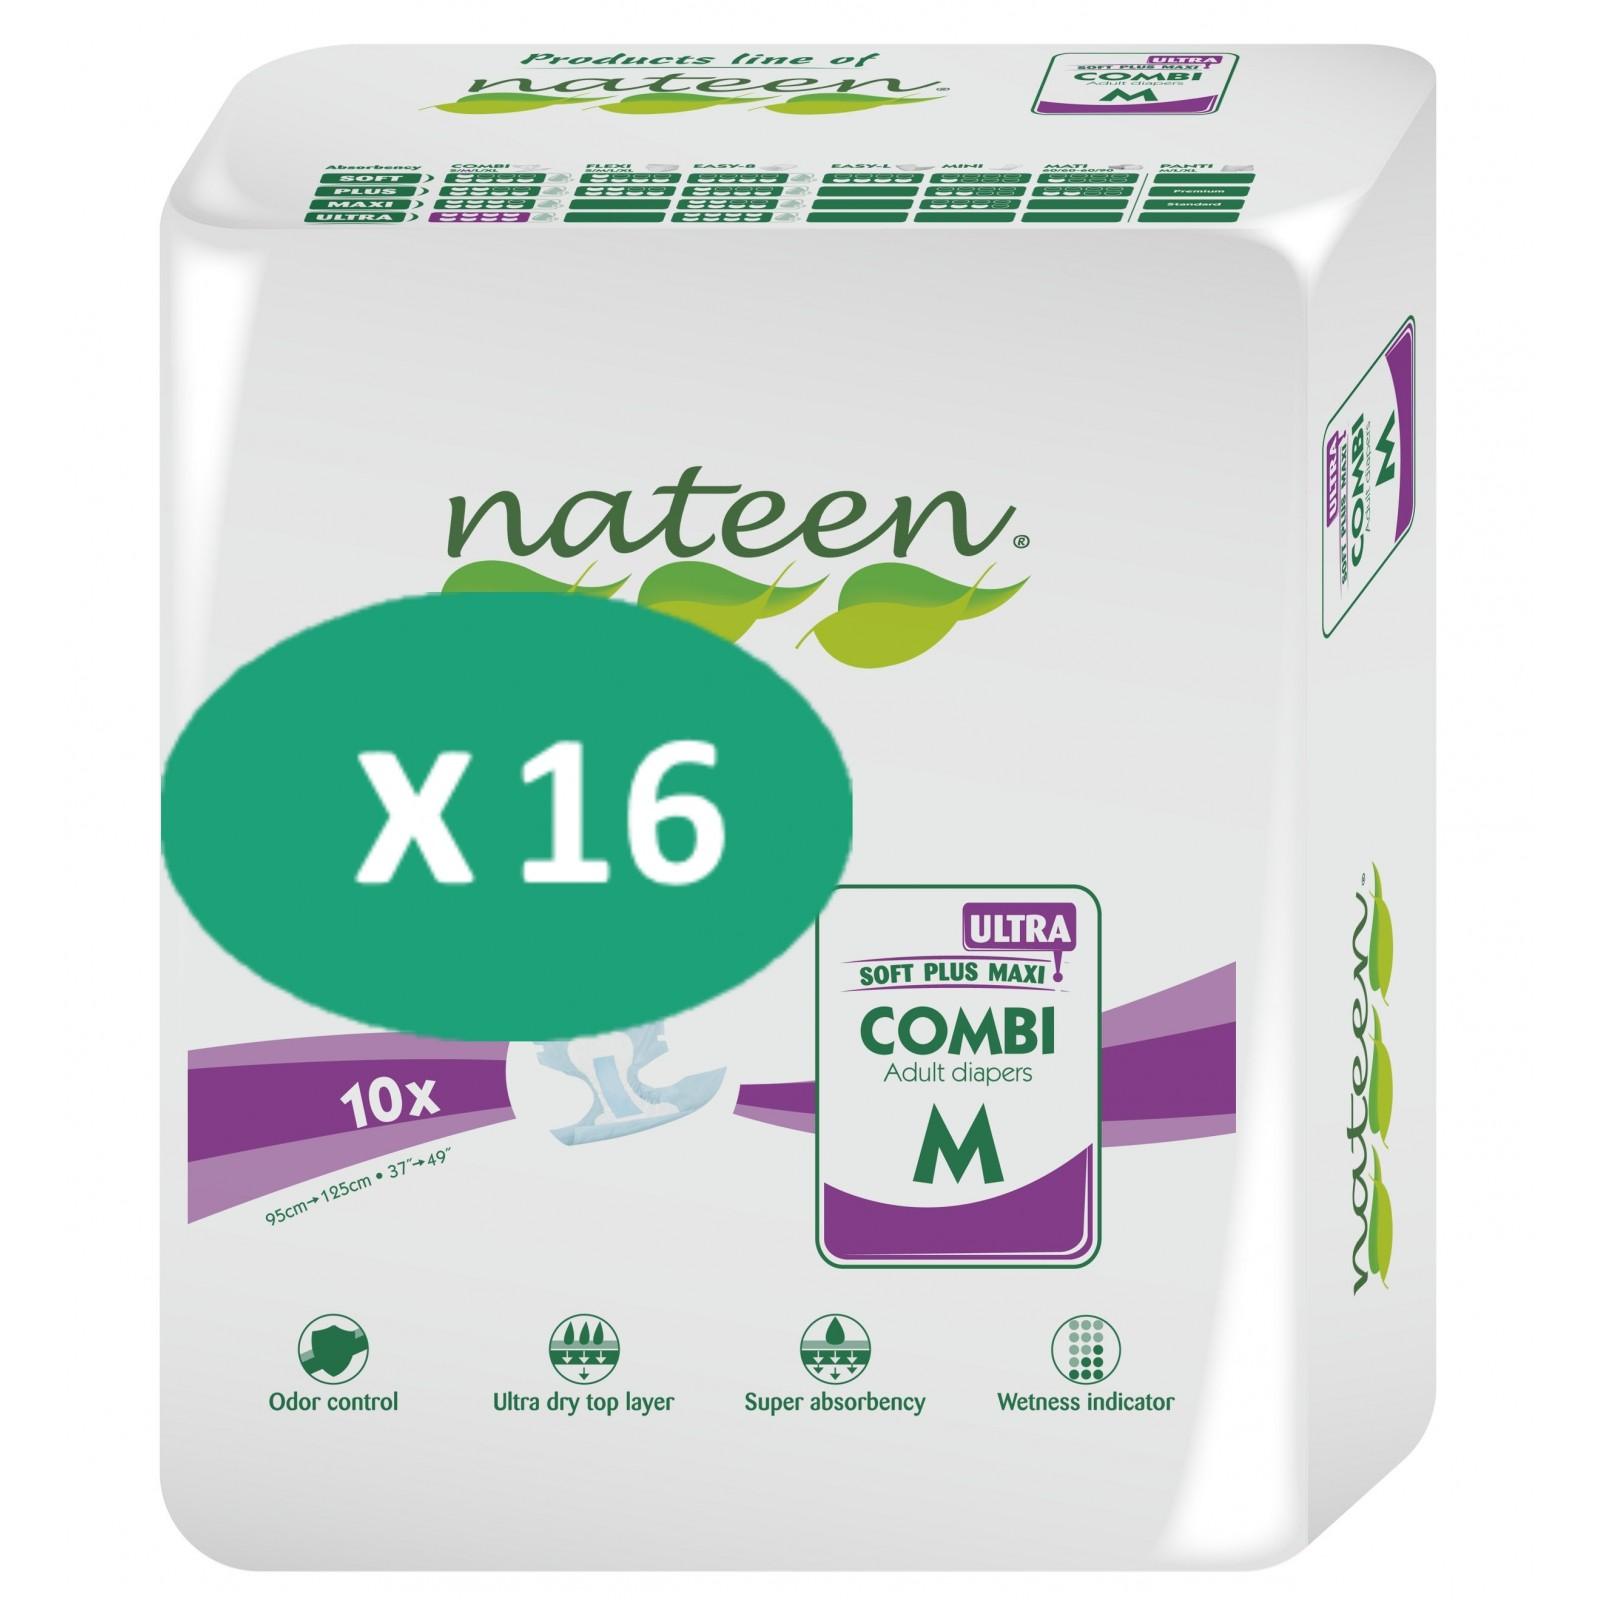 16 paquets de Nateen Combi Ultra Medium  SenUp.com